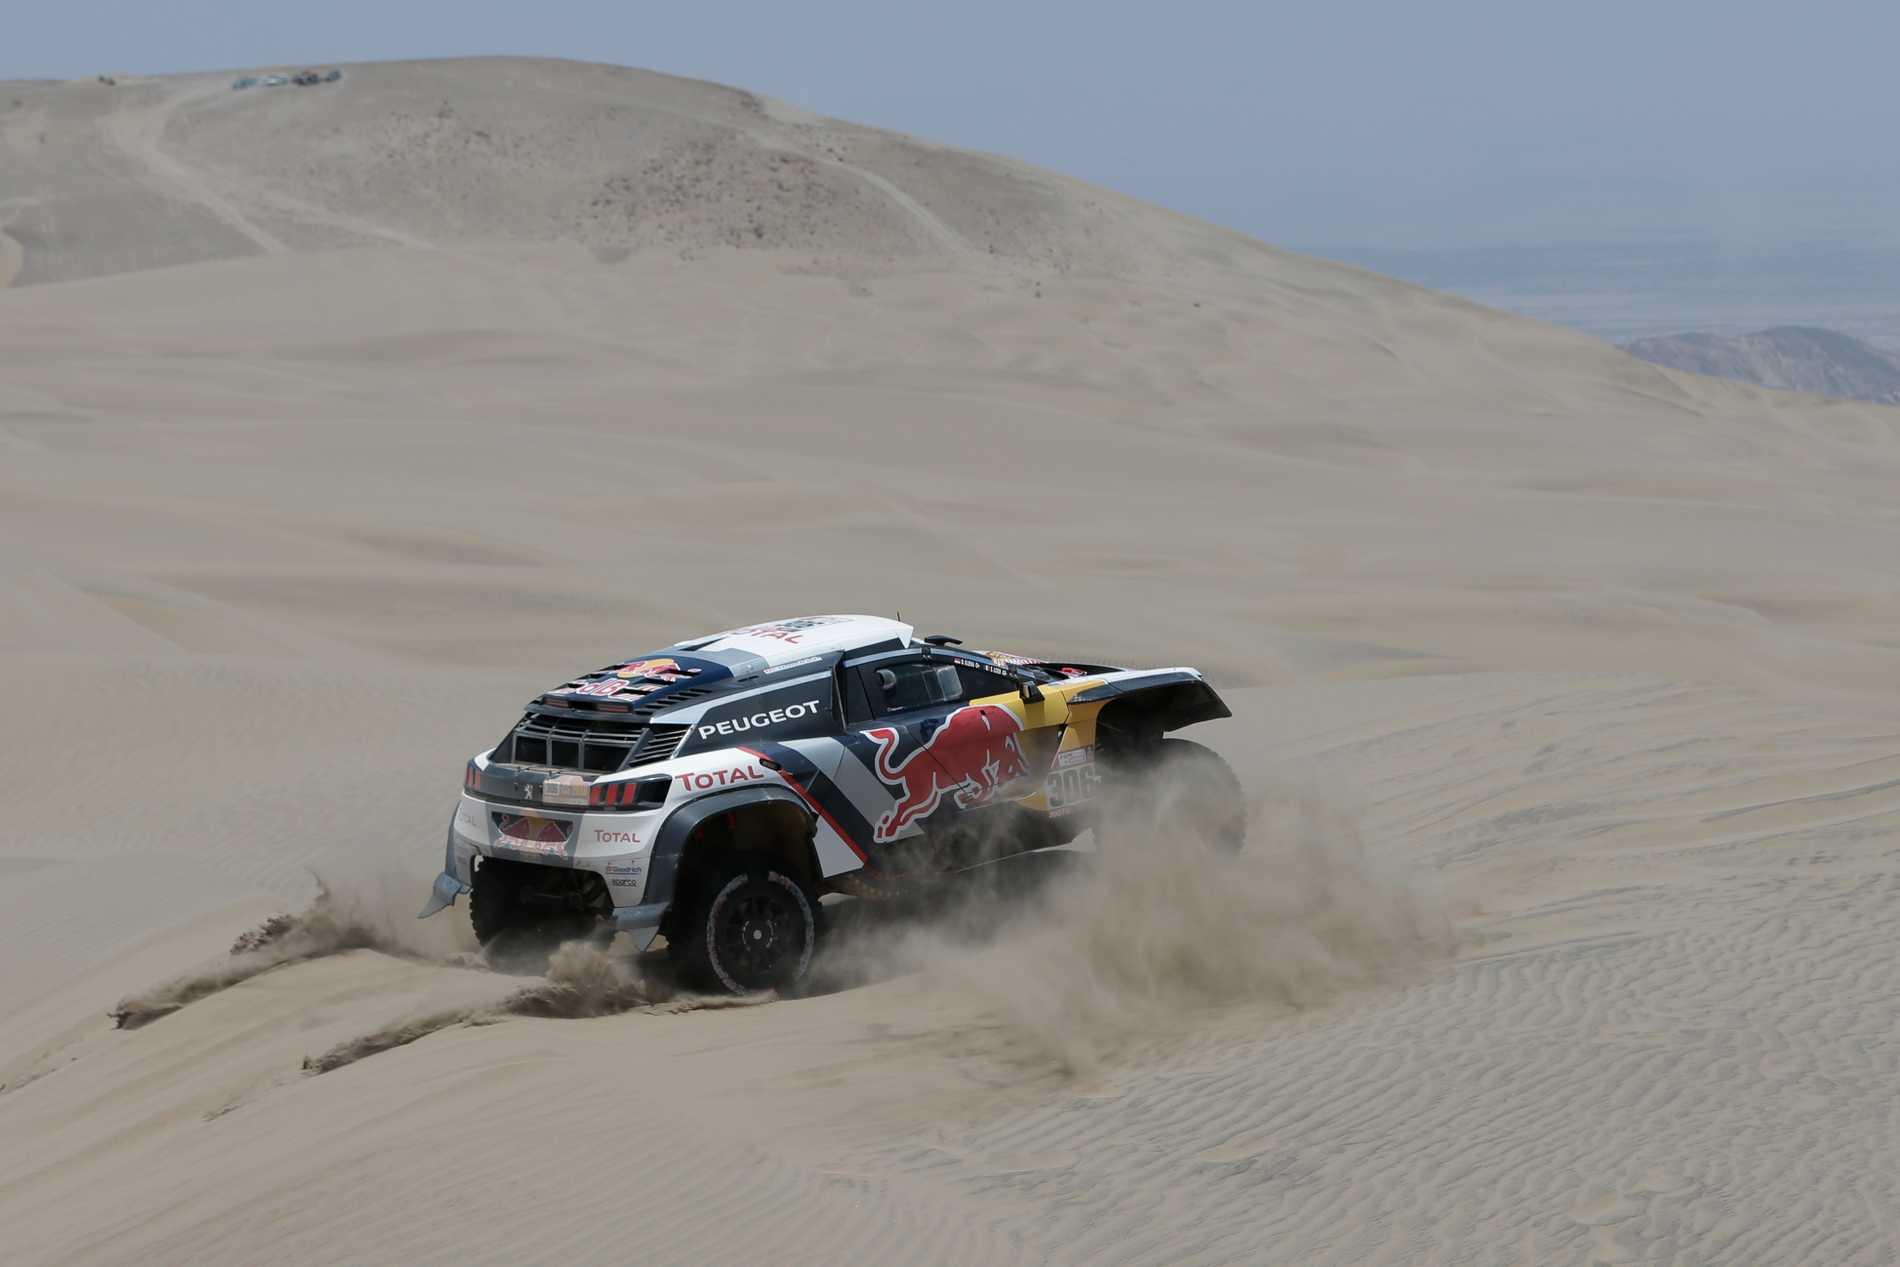 Tuffa veckor för Sebastien Loeb som kör Rally Dakar innan premiären av WRC med Hyundai